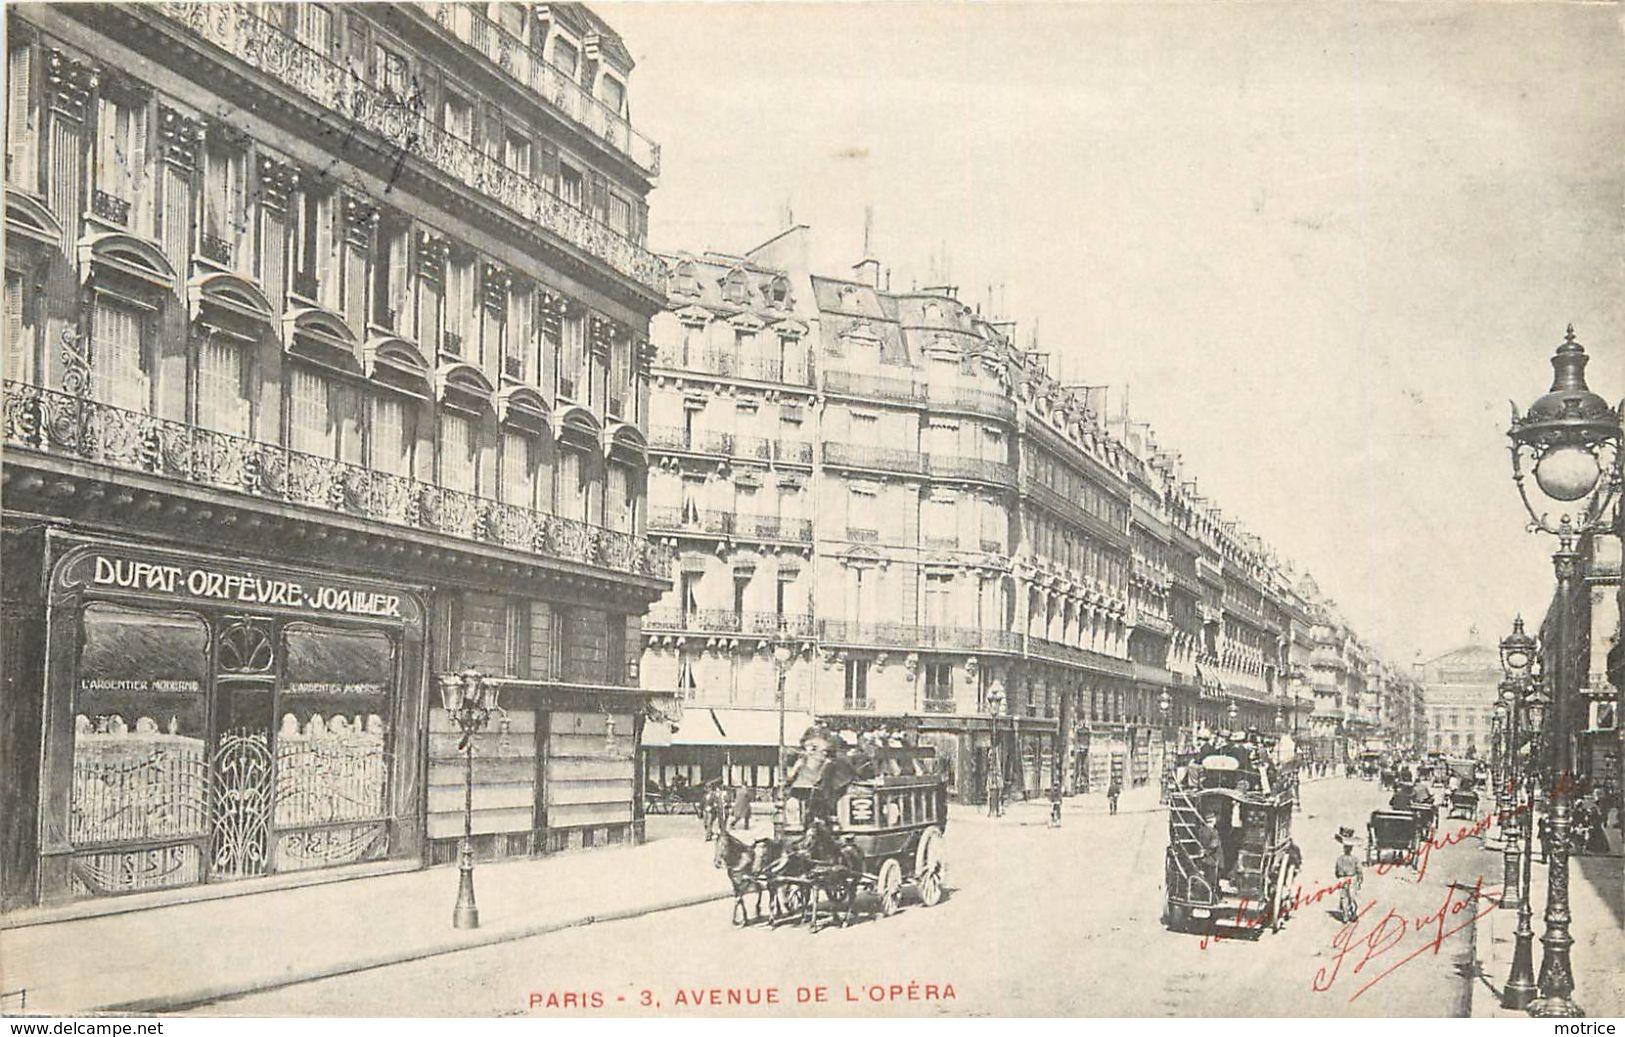 PARIS - 3,avenue De L'opéra (Dufa Orfèvre Joaillier) - Arrondissement: 01